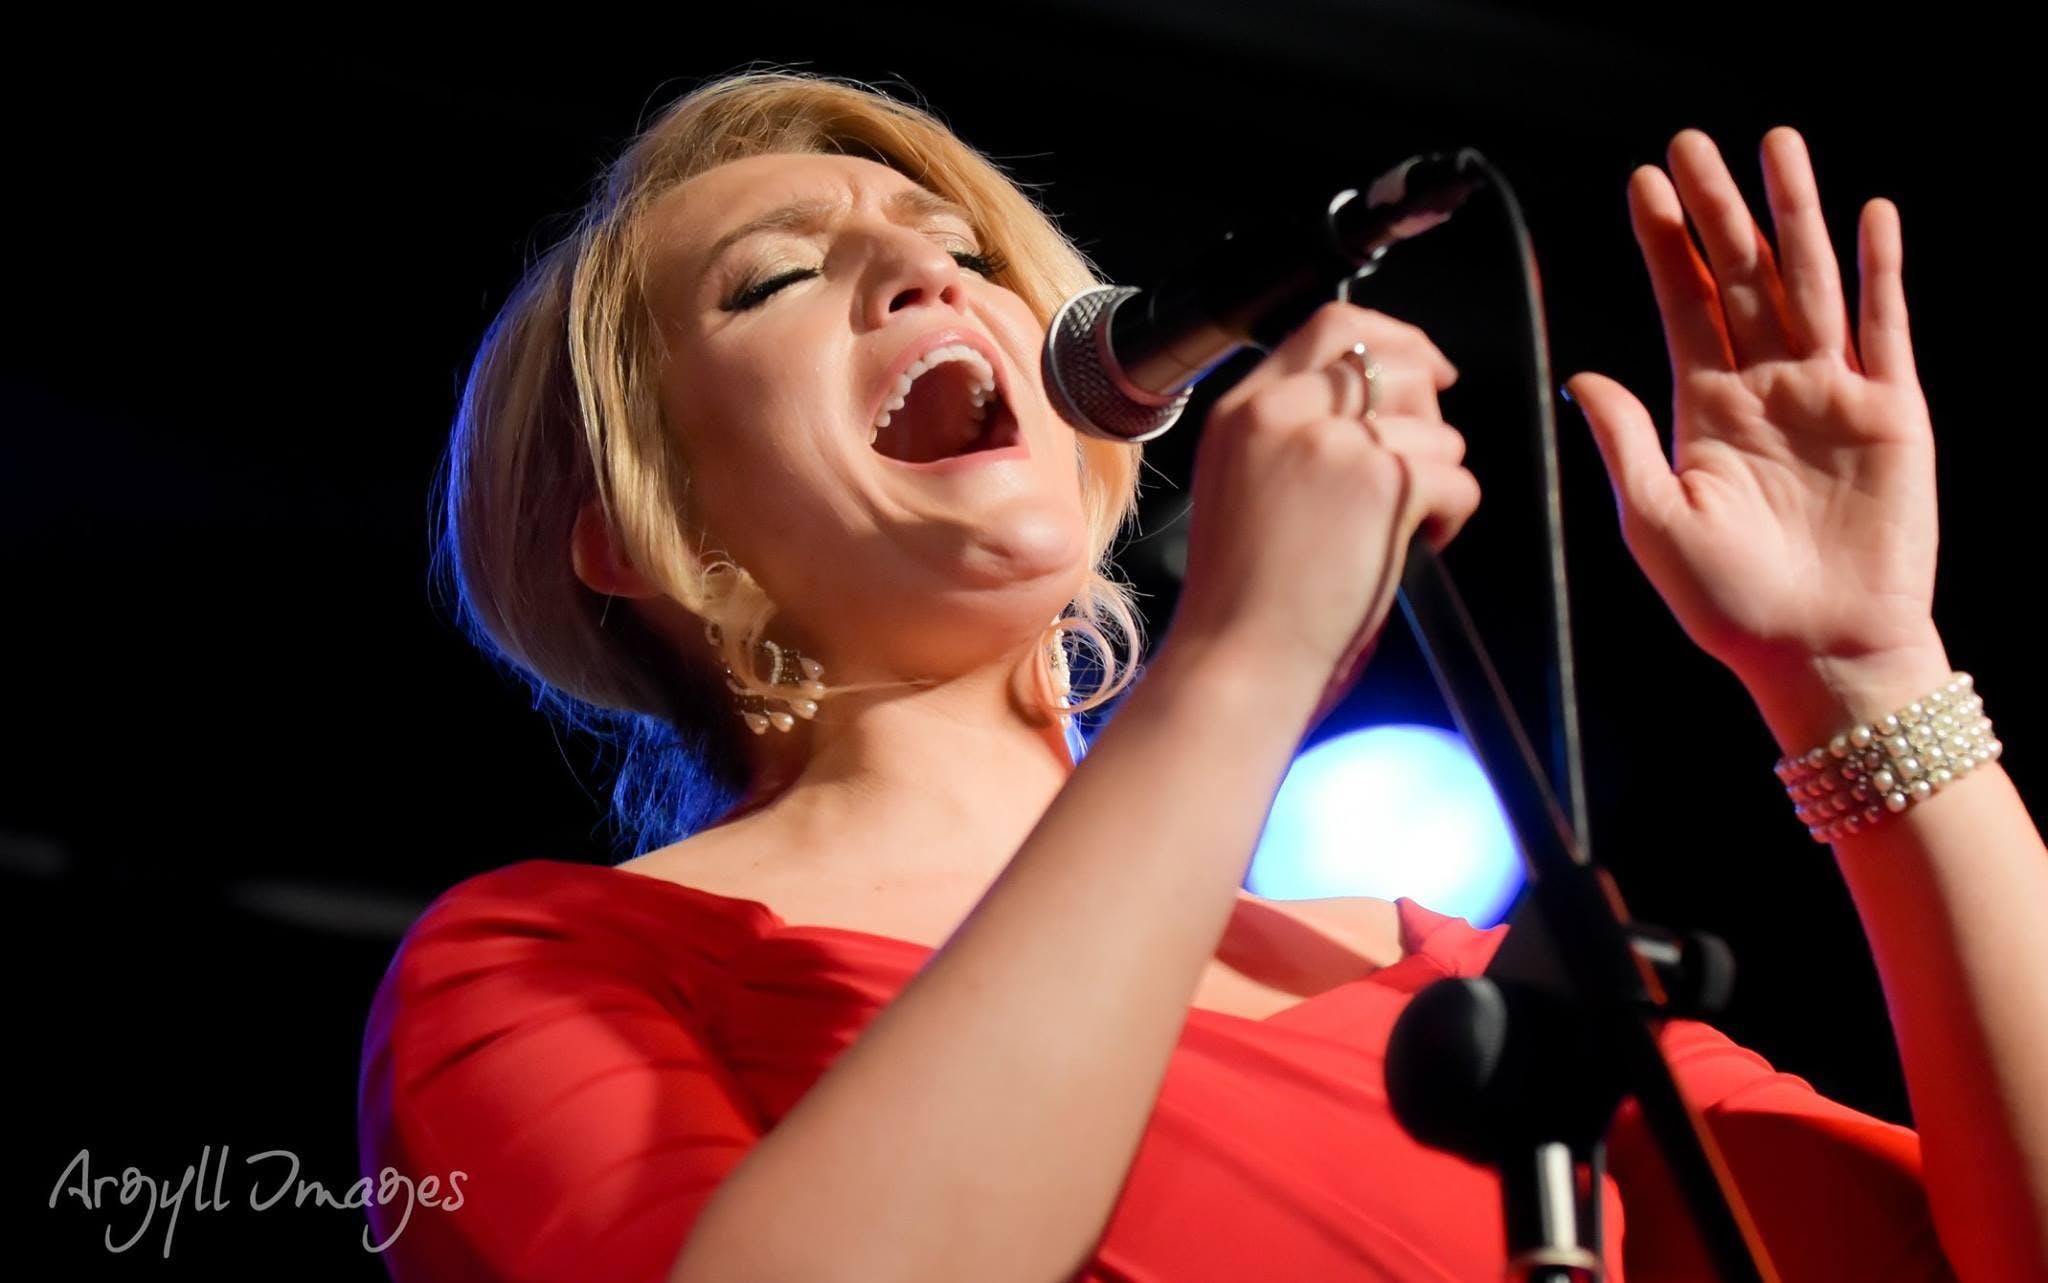 Amanda St John & Friends sing 'Songs of my heroes'